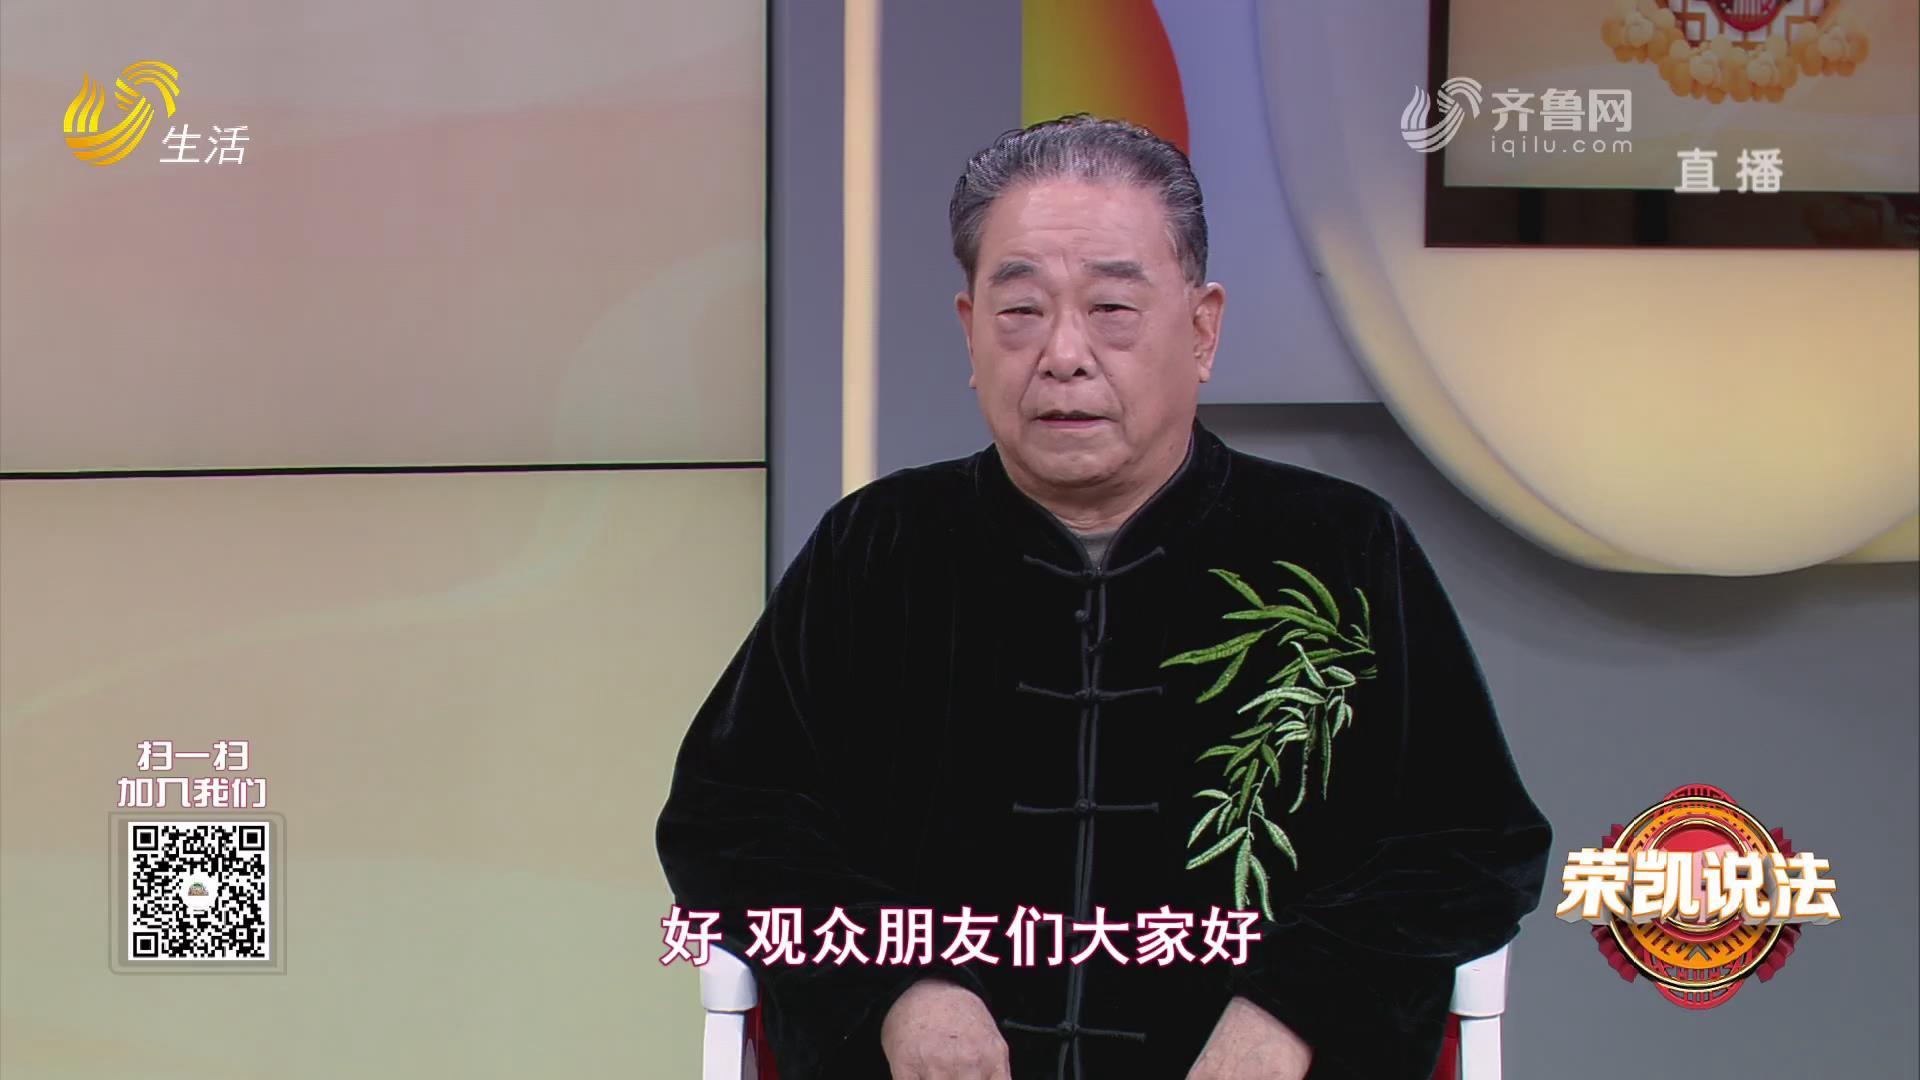 中国式养老- 于学模:弘扬传统文化 传承珍贵太极拳